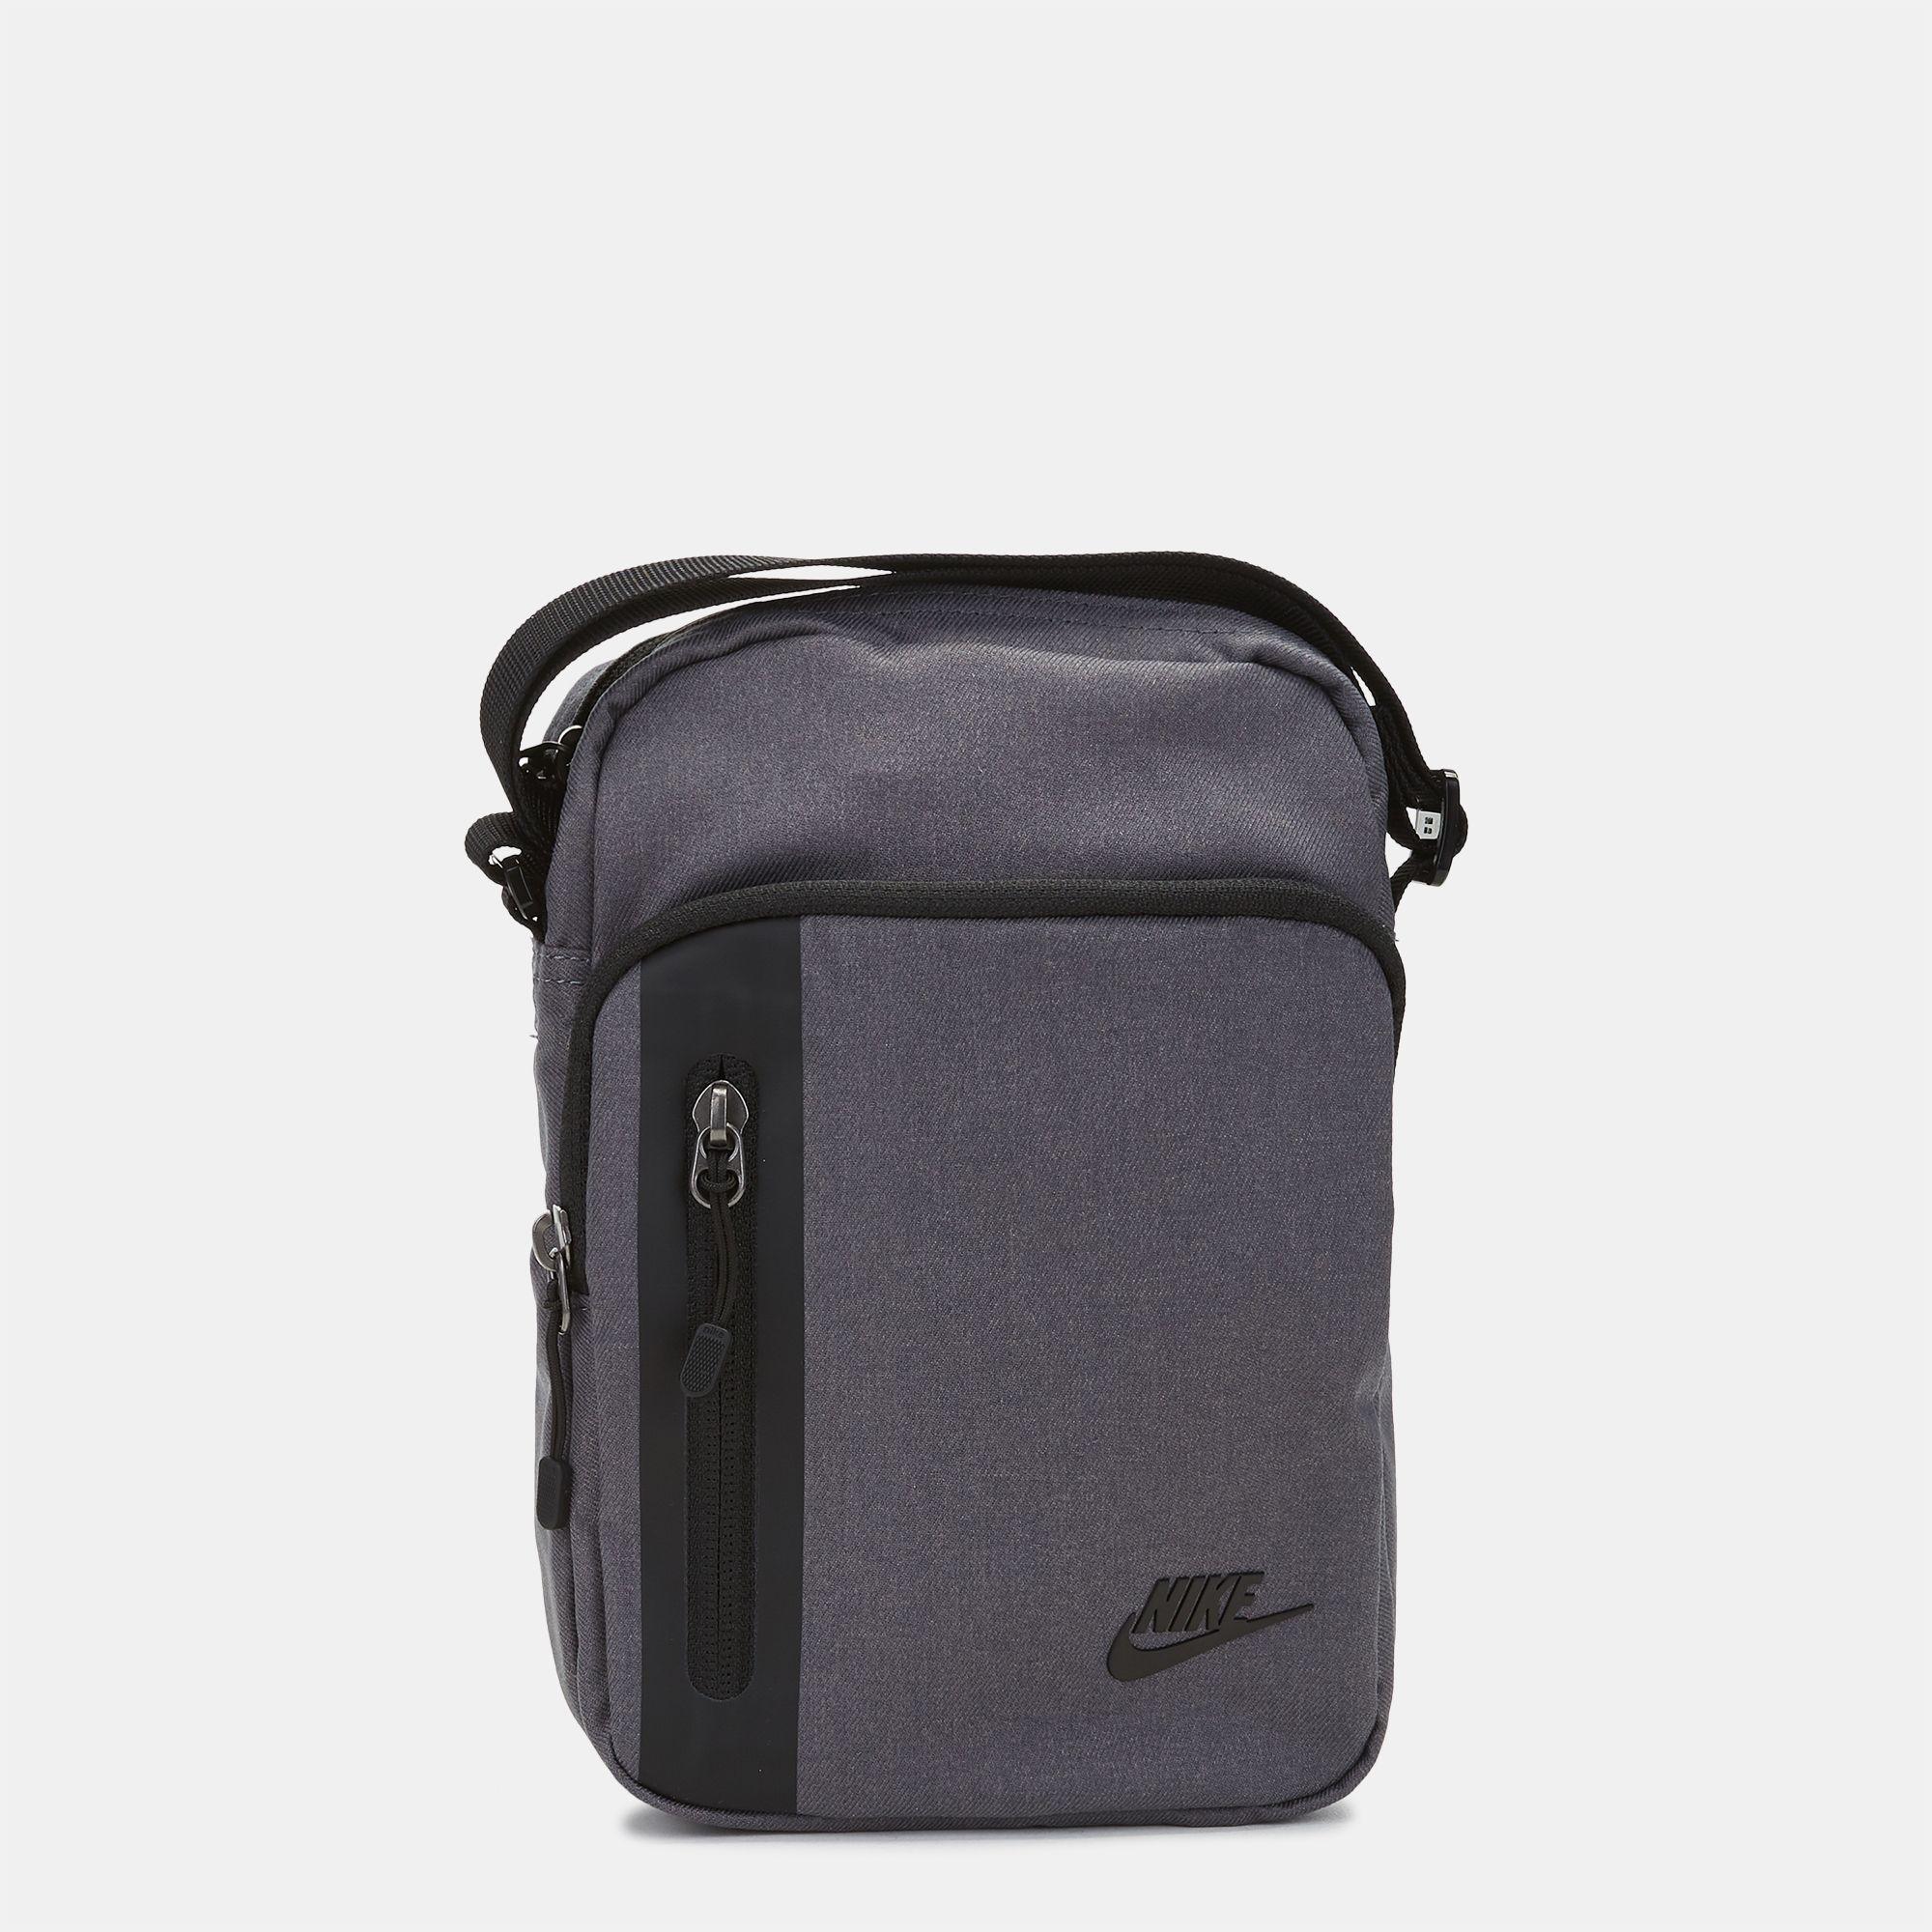 7e1b5be4d9 Shop Nike Core Small Items 30 Bag 248745